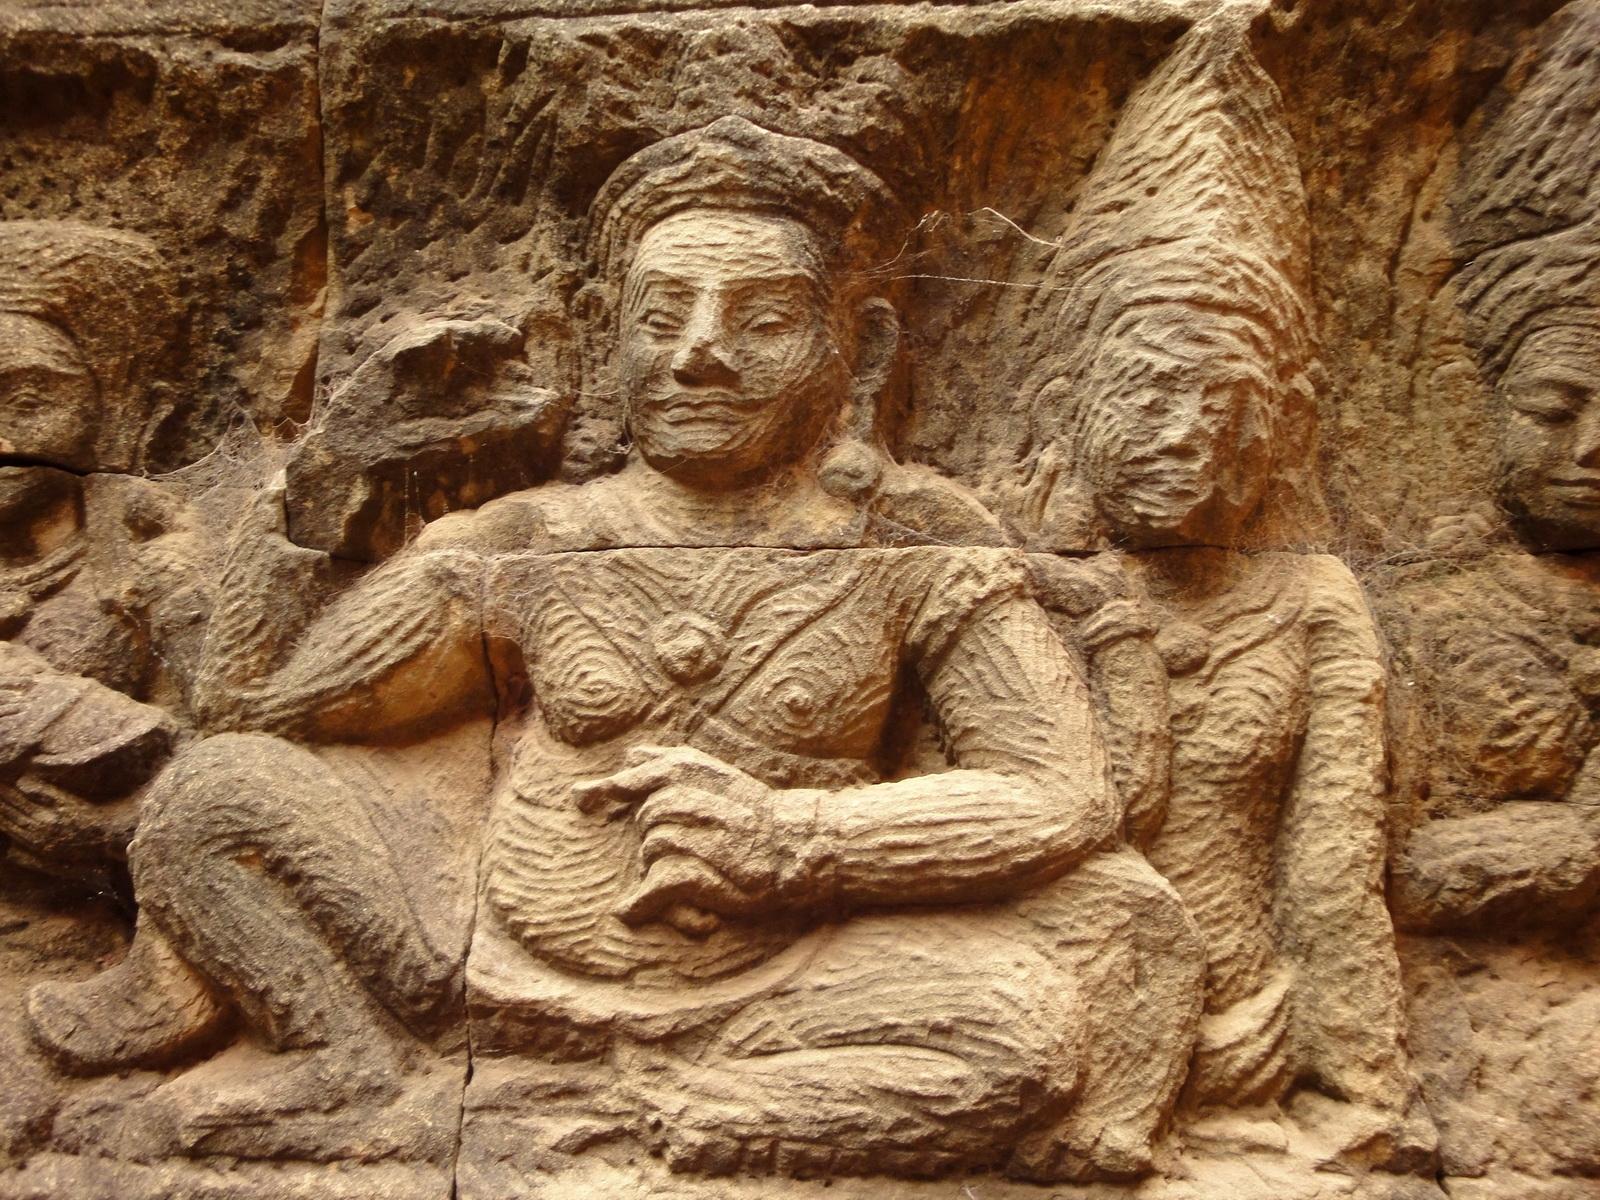 Leper King Terrace hidden wall underworld Nagas and deities 106